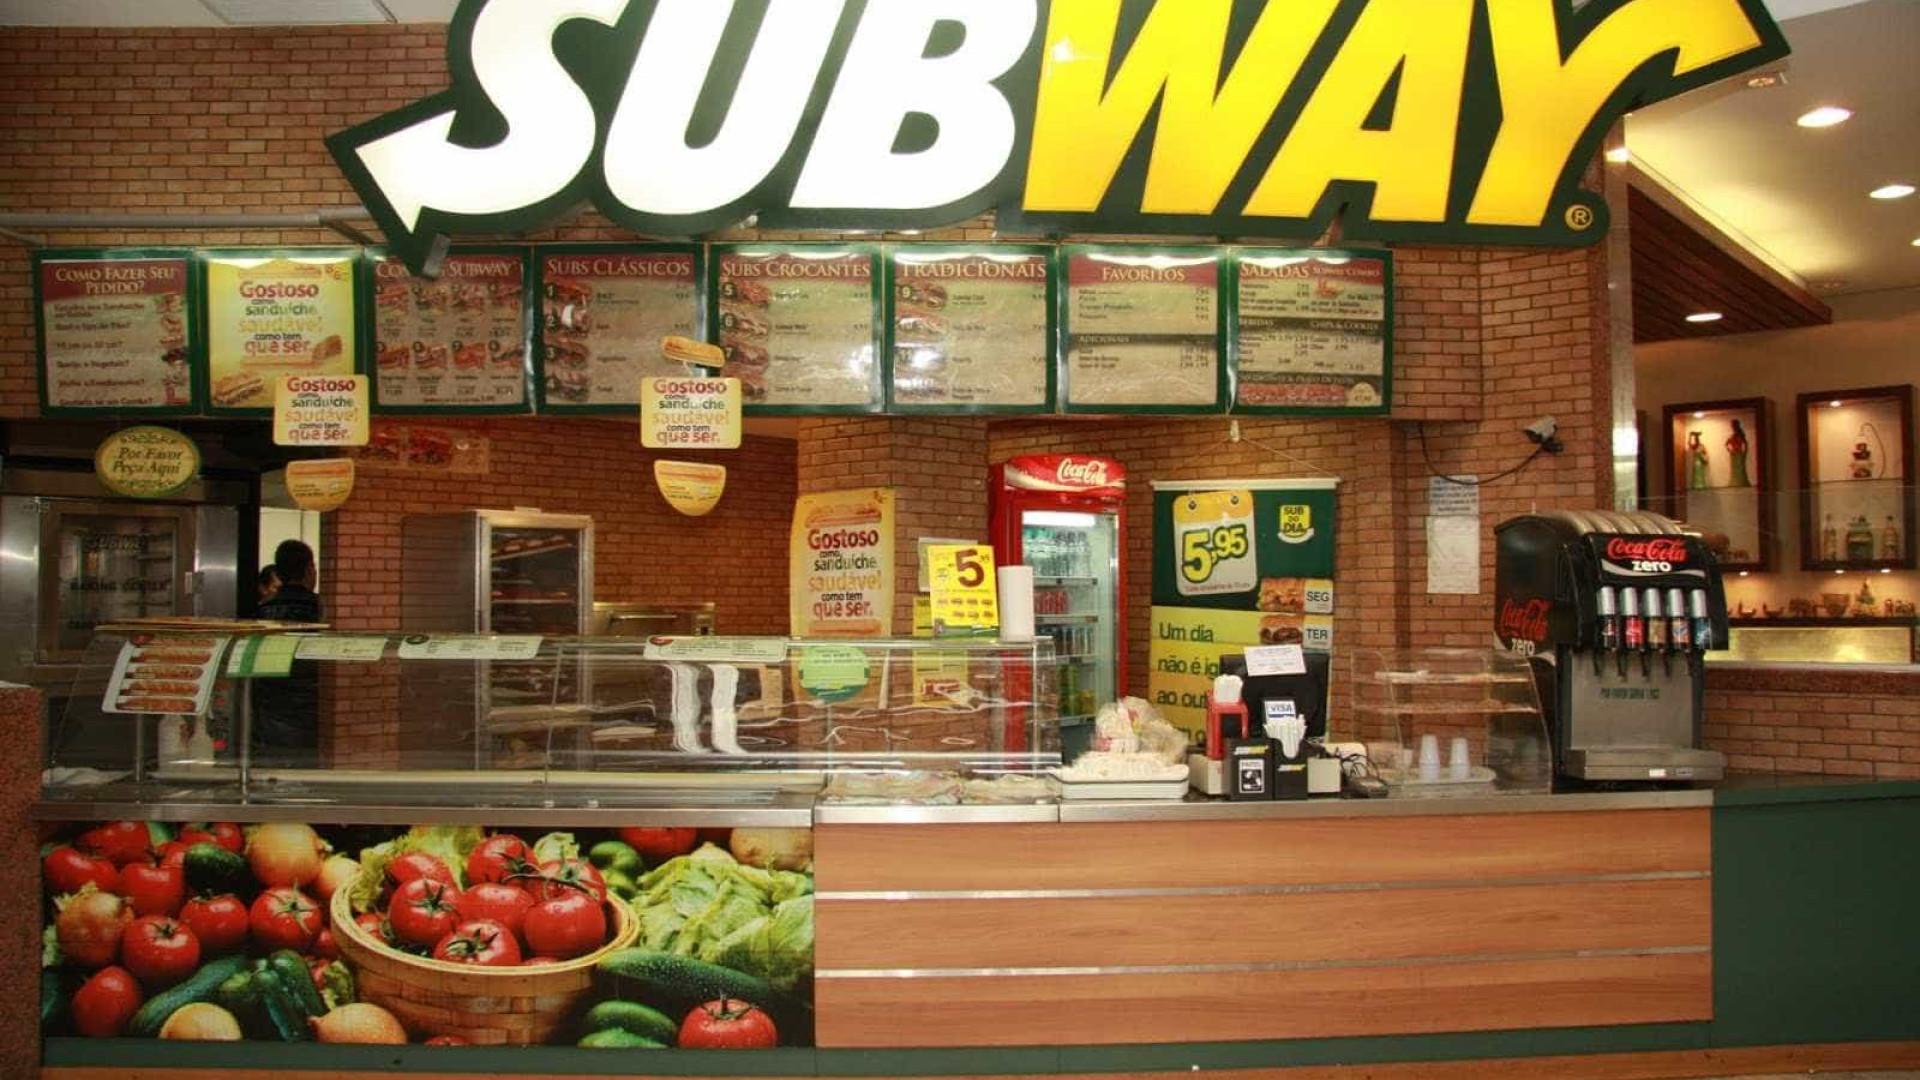 Funcionária do Subway ficou presa no freezer e pediu ajuda com ketchup